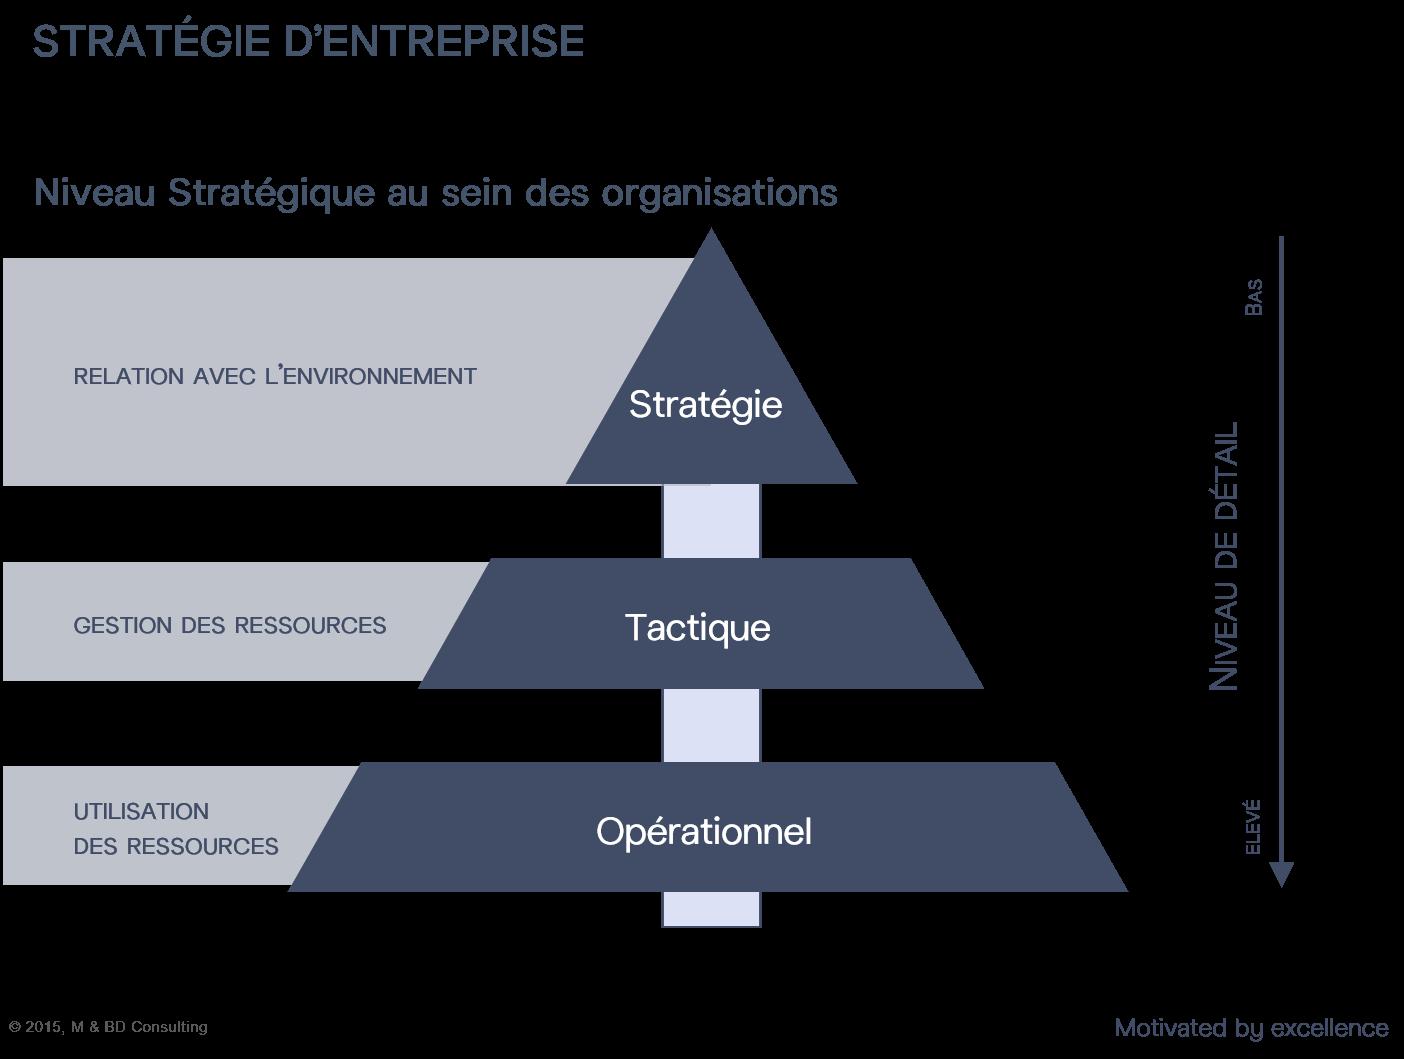 Niveau Stratégique au sein des organisations